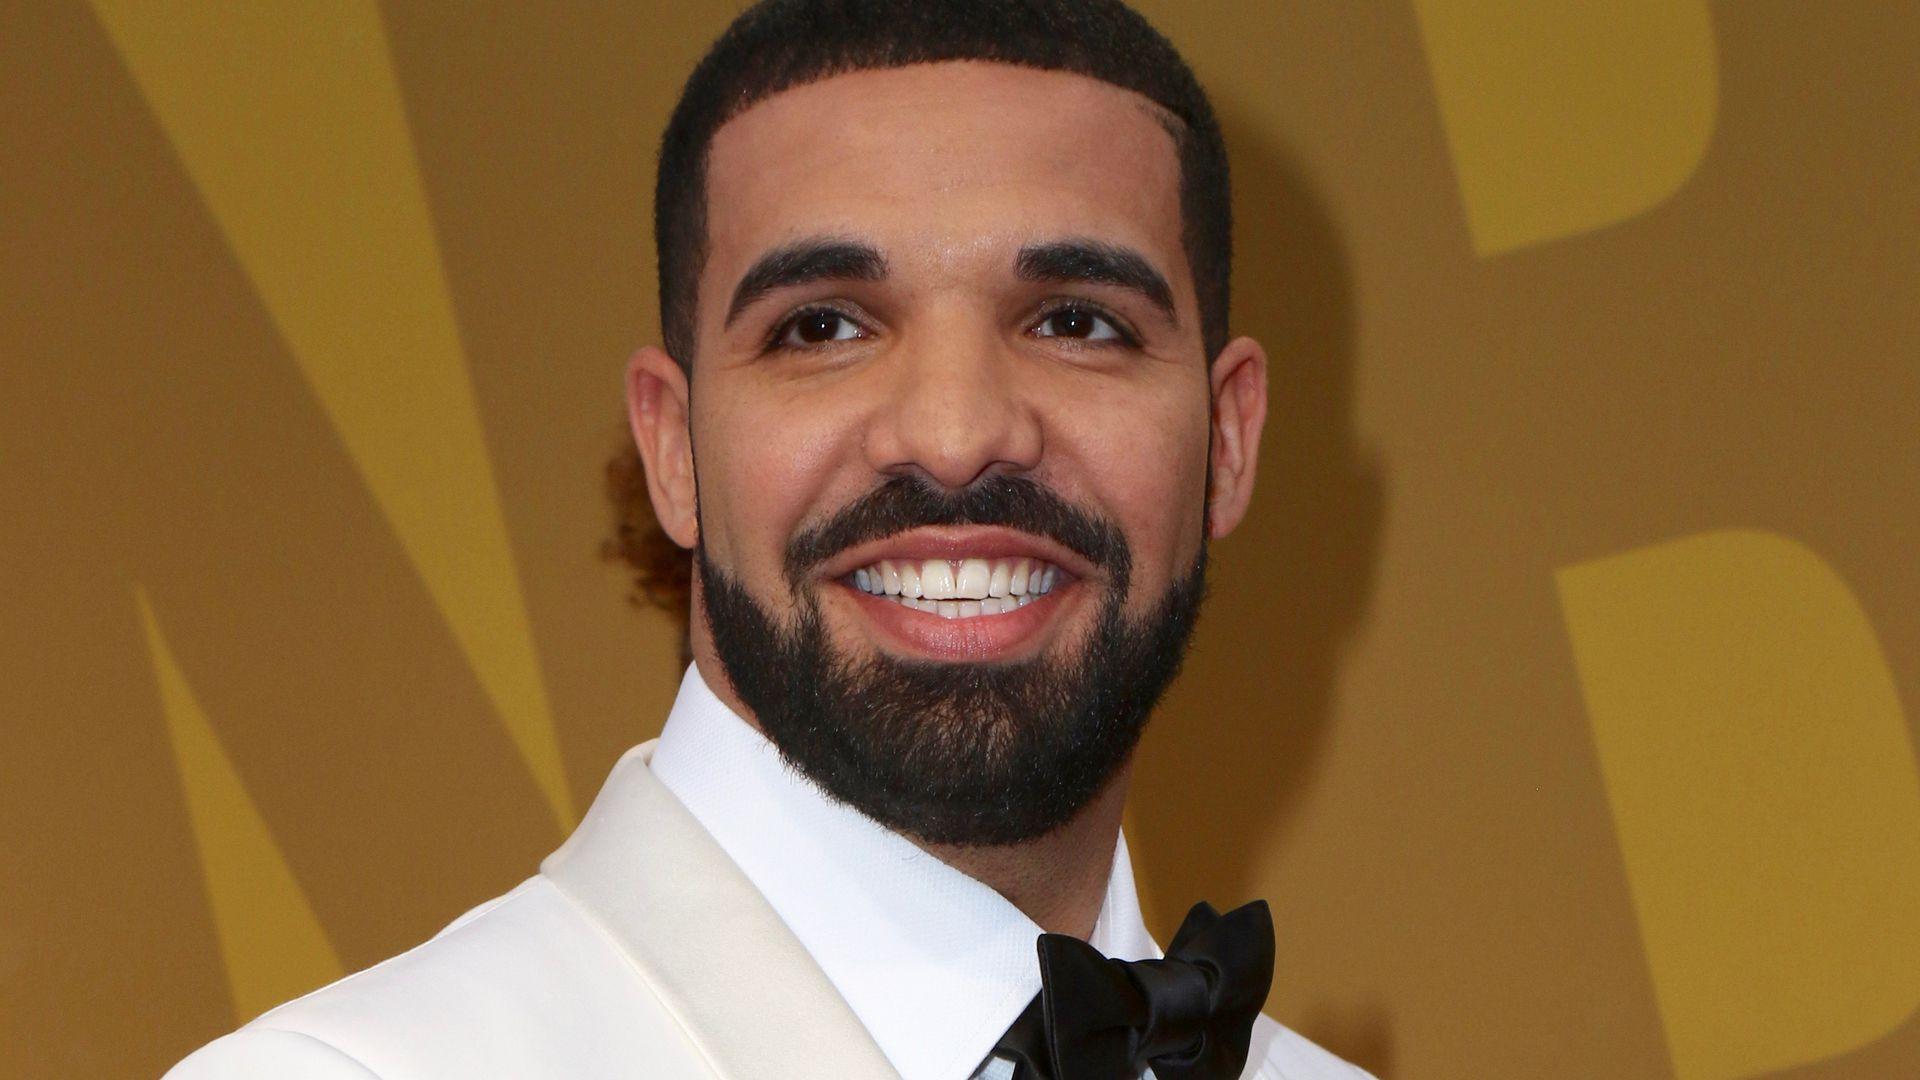 Huch Rapper Drake Zeigt Sich Auf Einmal Mit Mega Krause